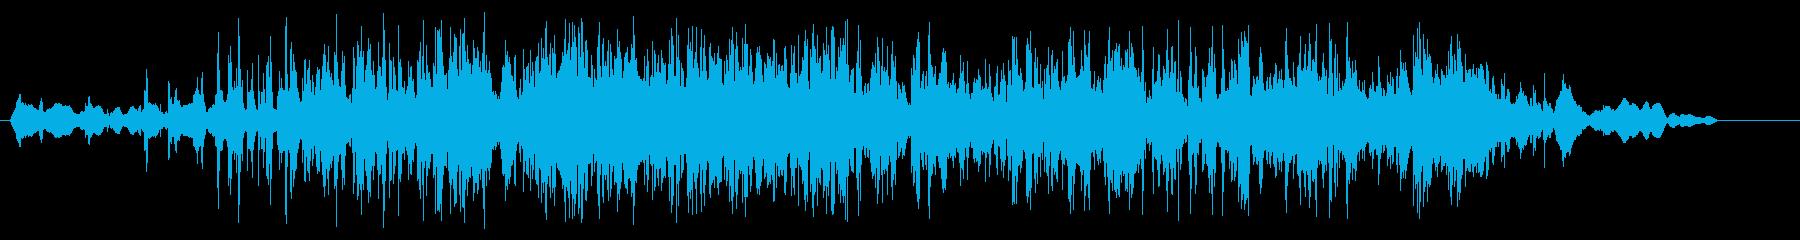 細々したものをばらまいた音の再生済みの波形